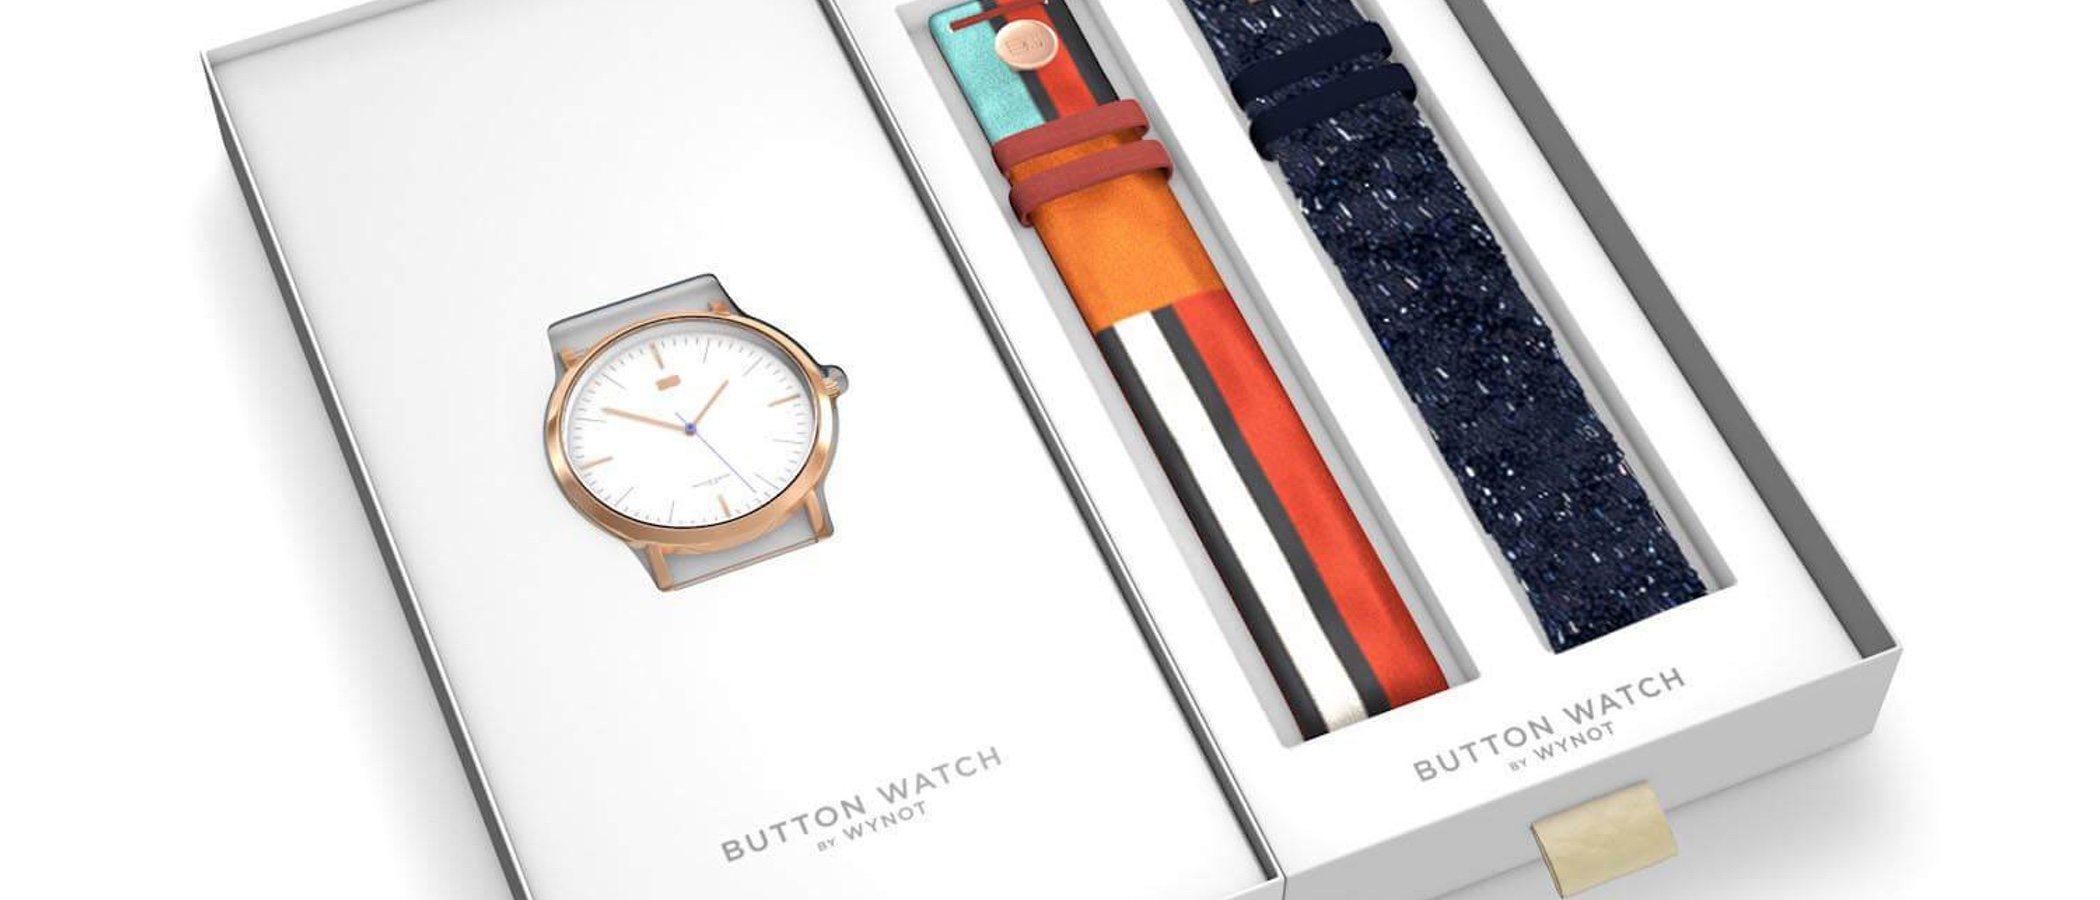 Dolores Promesas protagoniza su primera colección de relojes de la mano de Button Watch